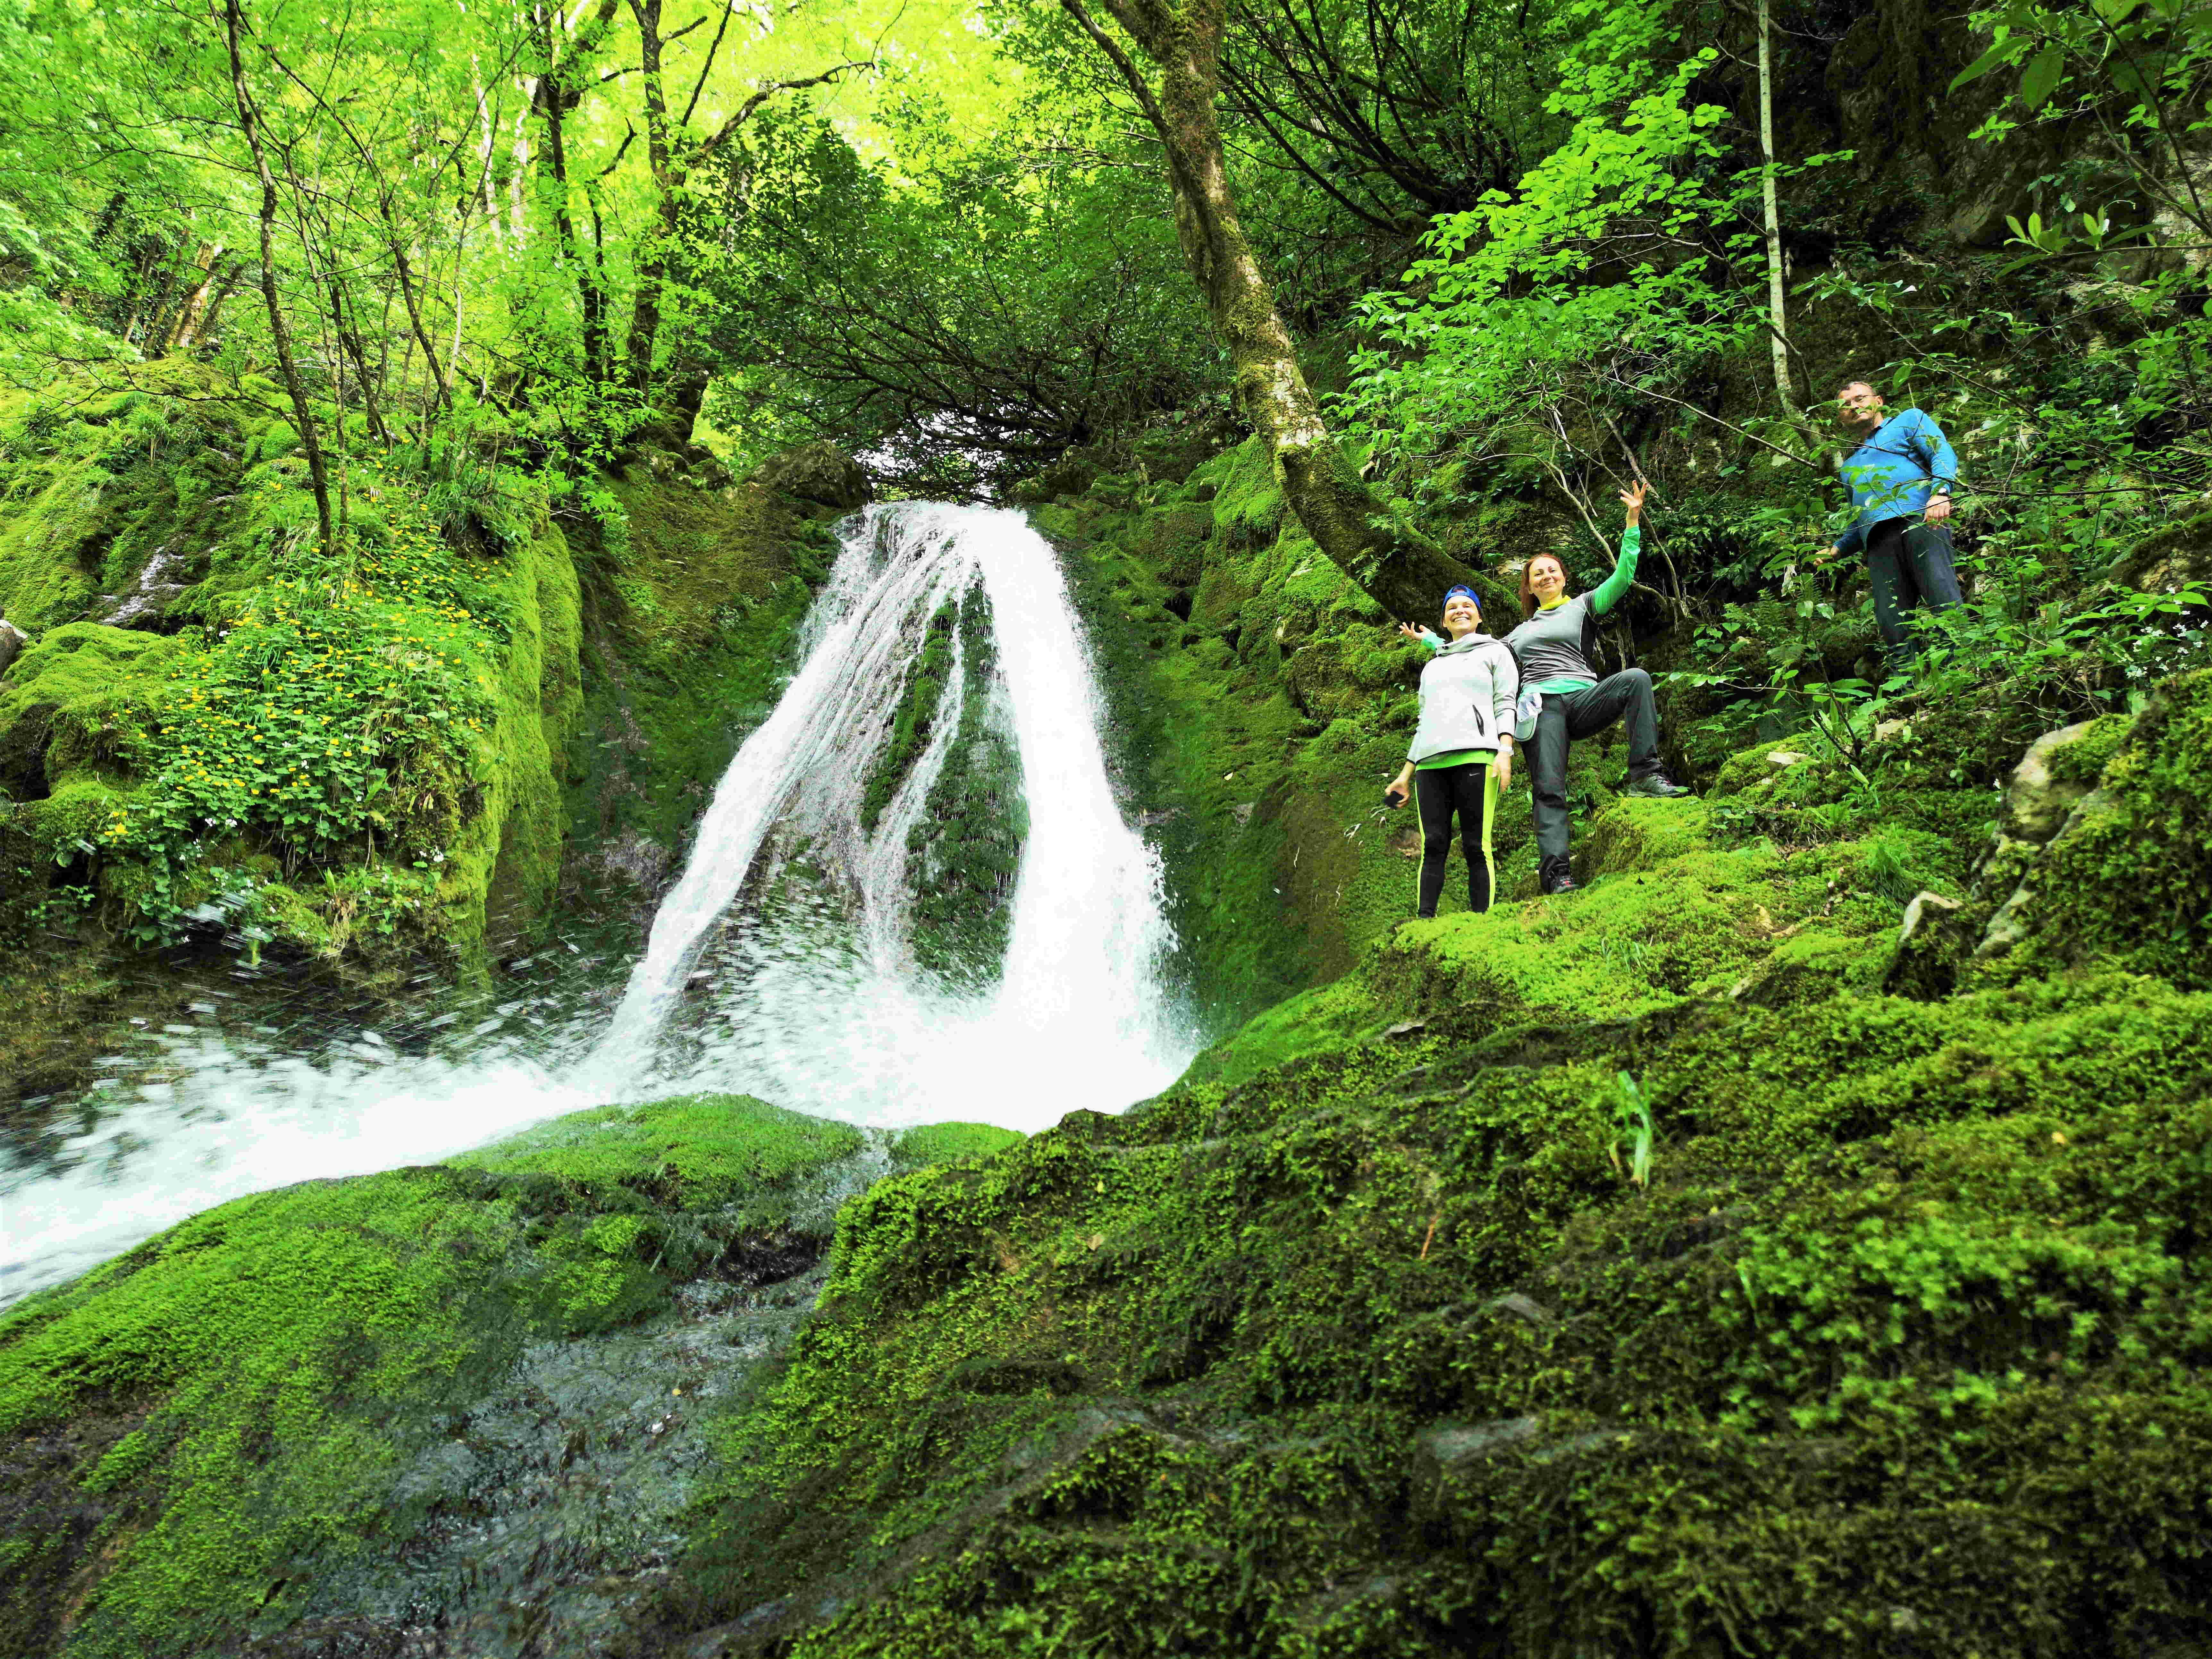 Один из промежуточных каскадов водопада Ониоре